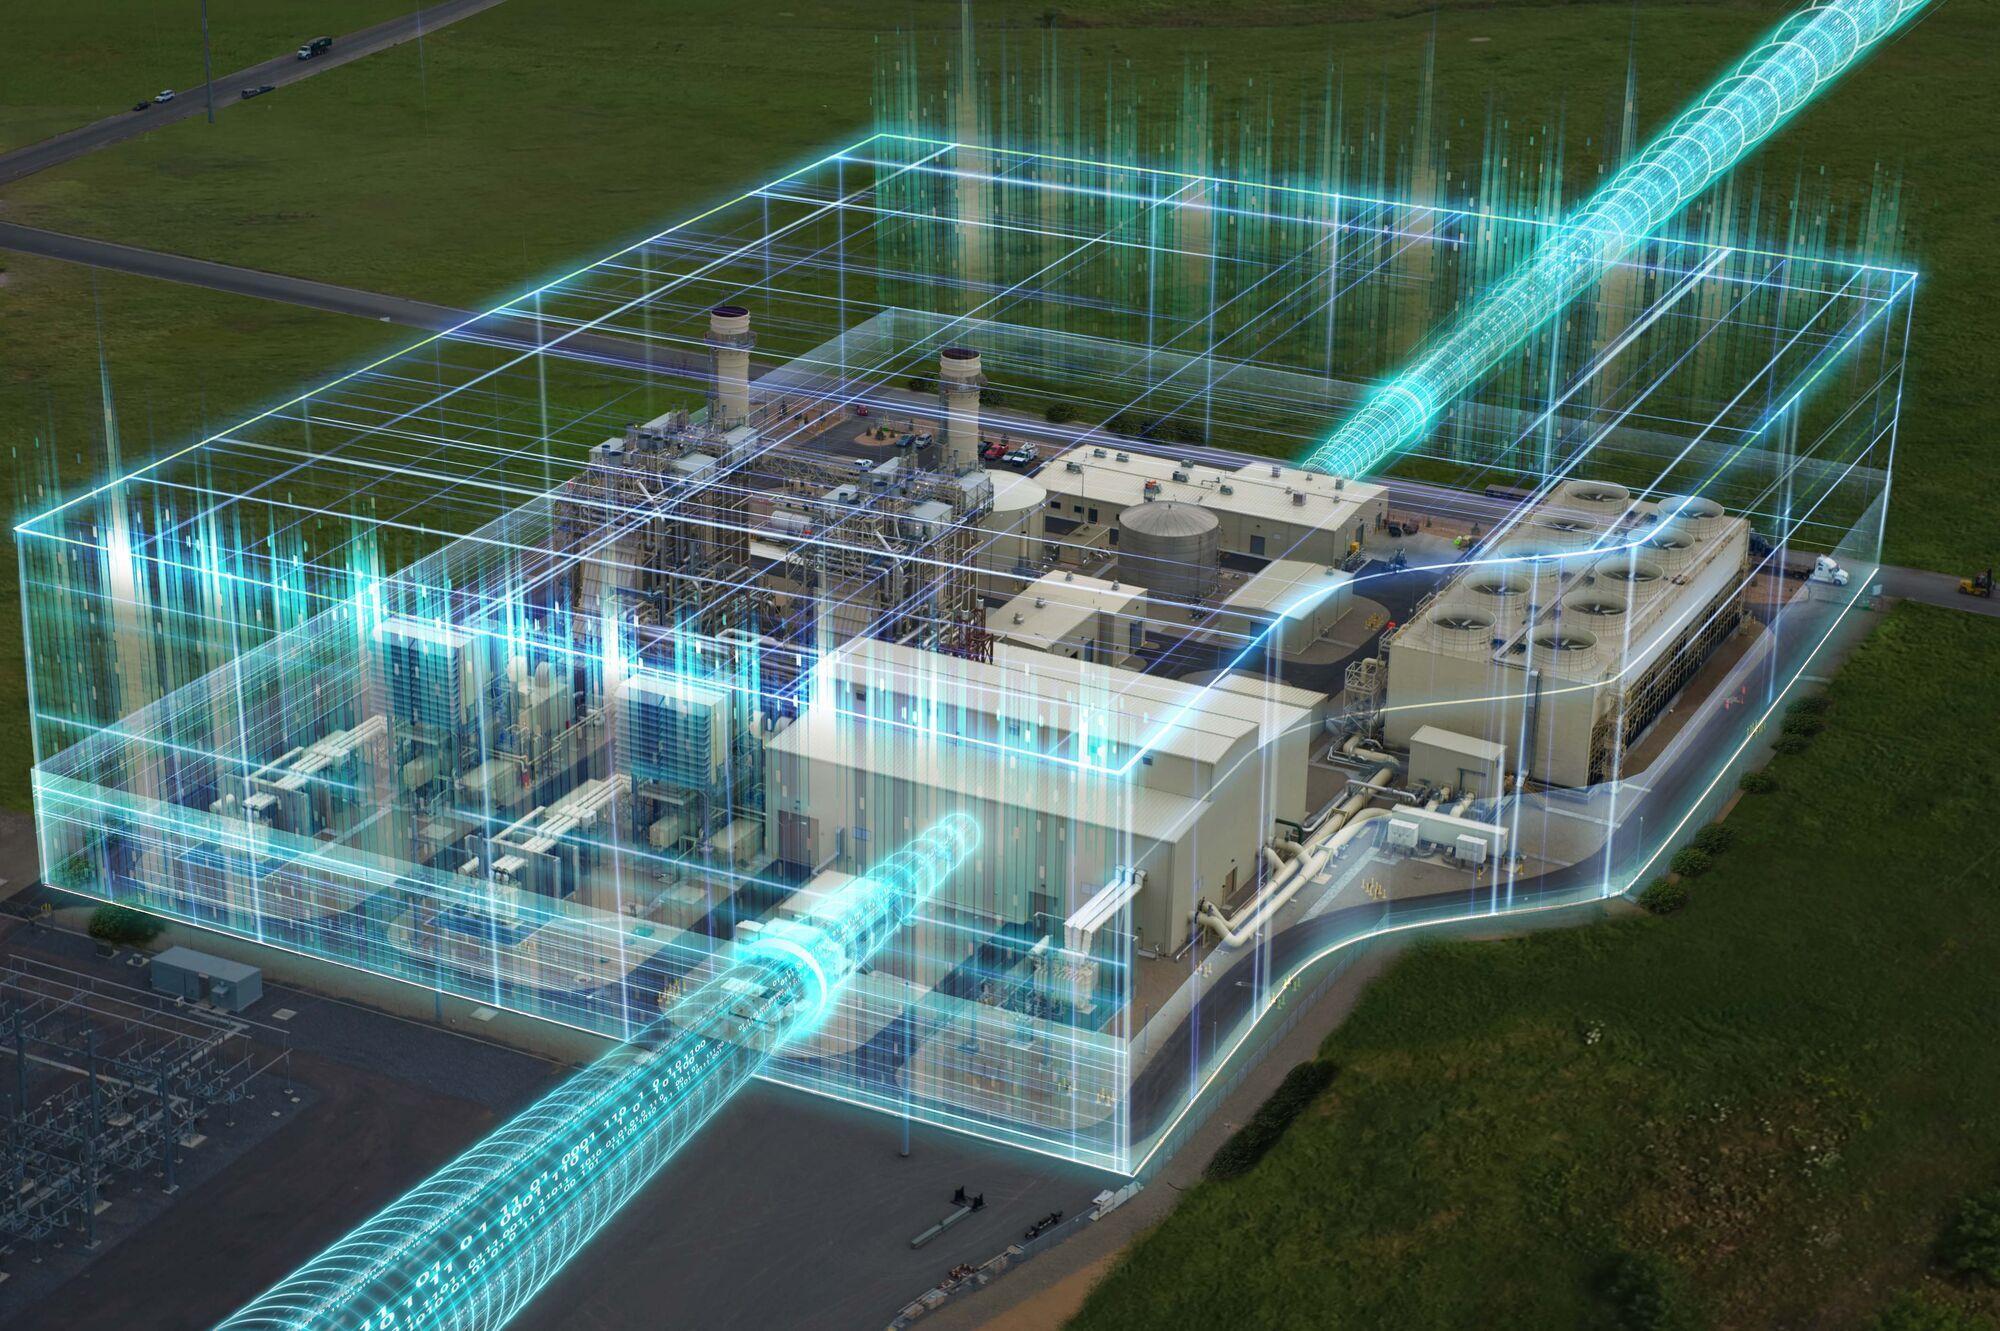 Поглиблена співпраця компанії Siemens і НАТО в галузі кібербезпеки критично важливих об'єктів інфраструктури